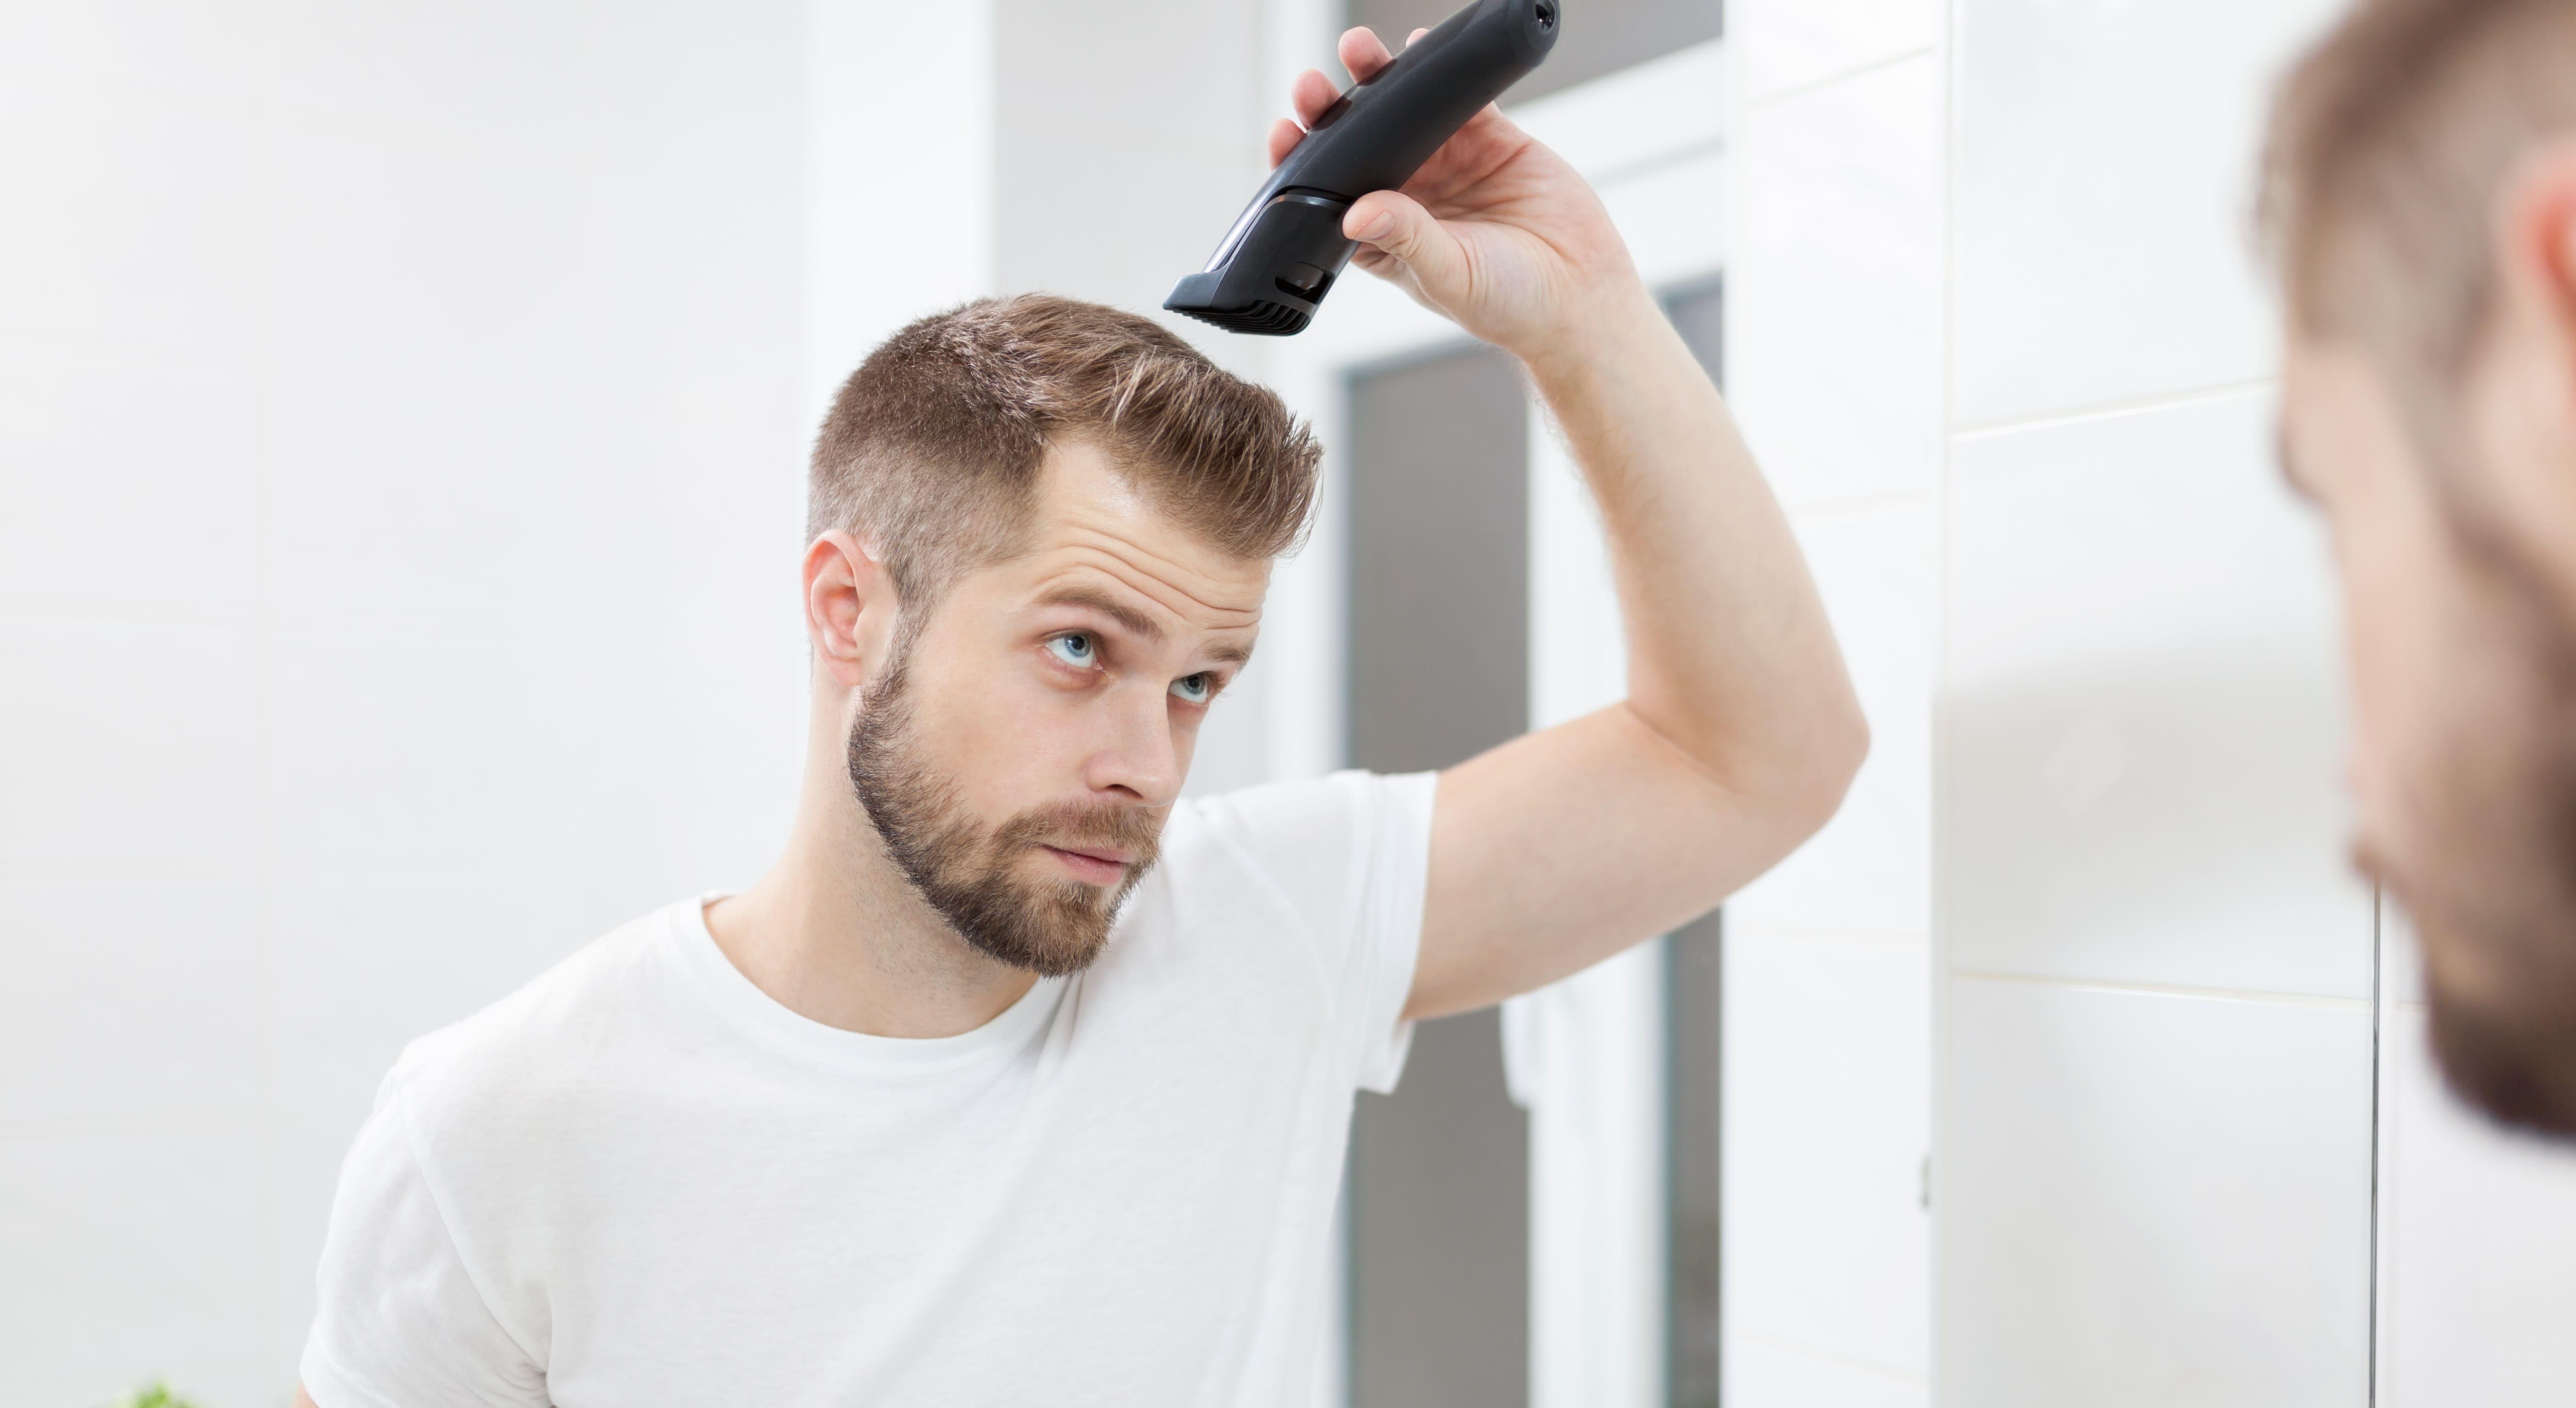 Die Haarkranz Frisur als schlechte Wahl bei Haarausfall?